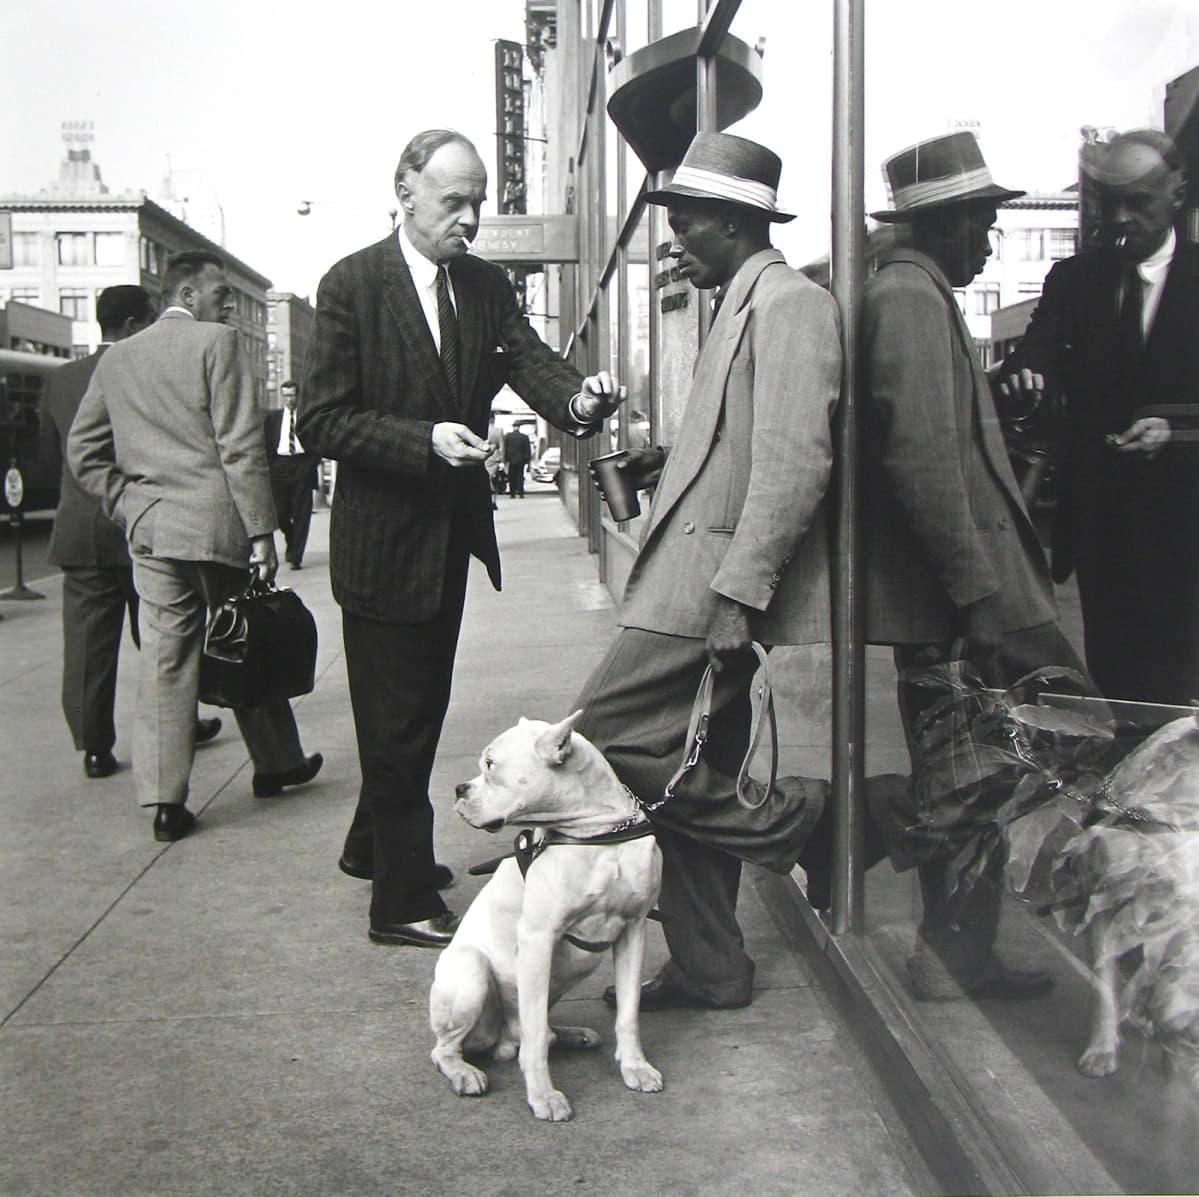 Kaksi miestä jä koira kadulla.